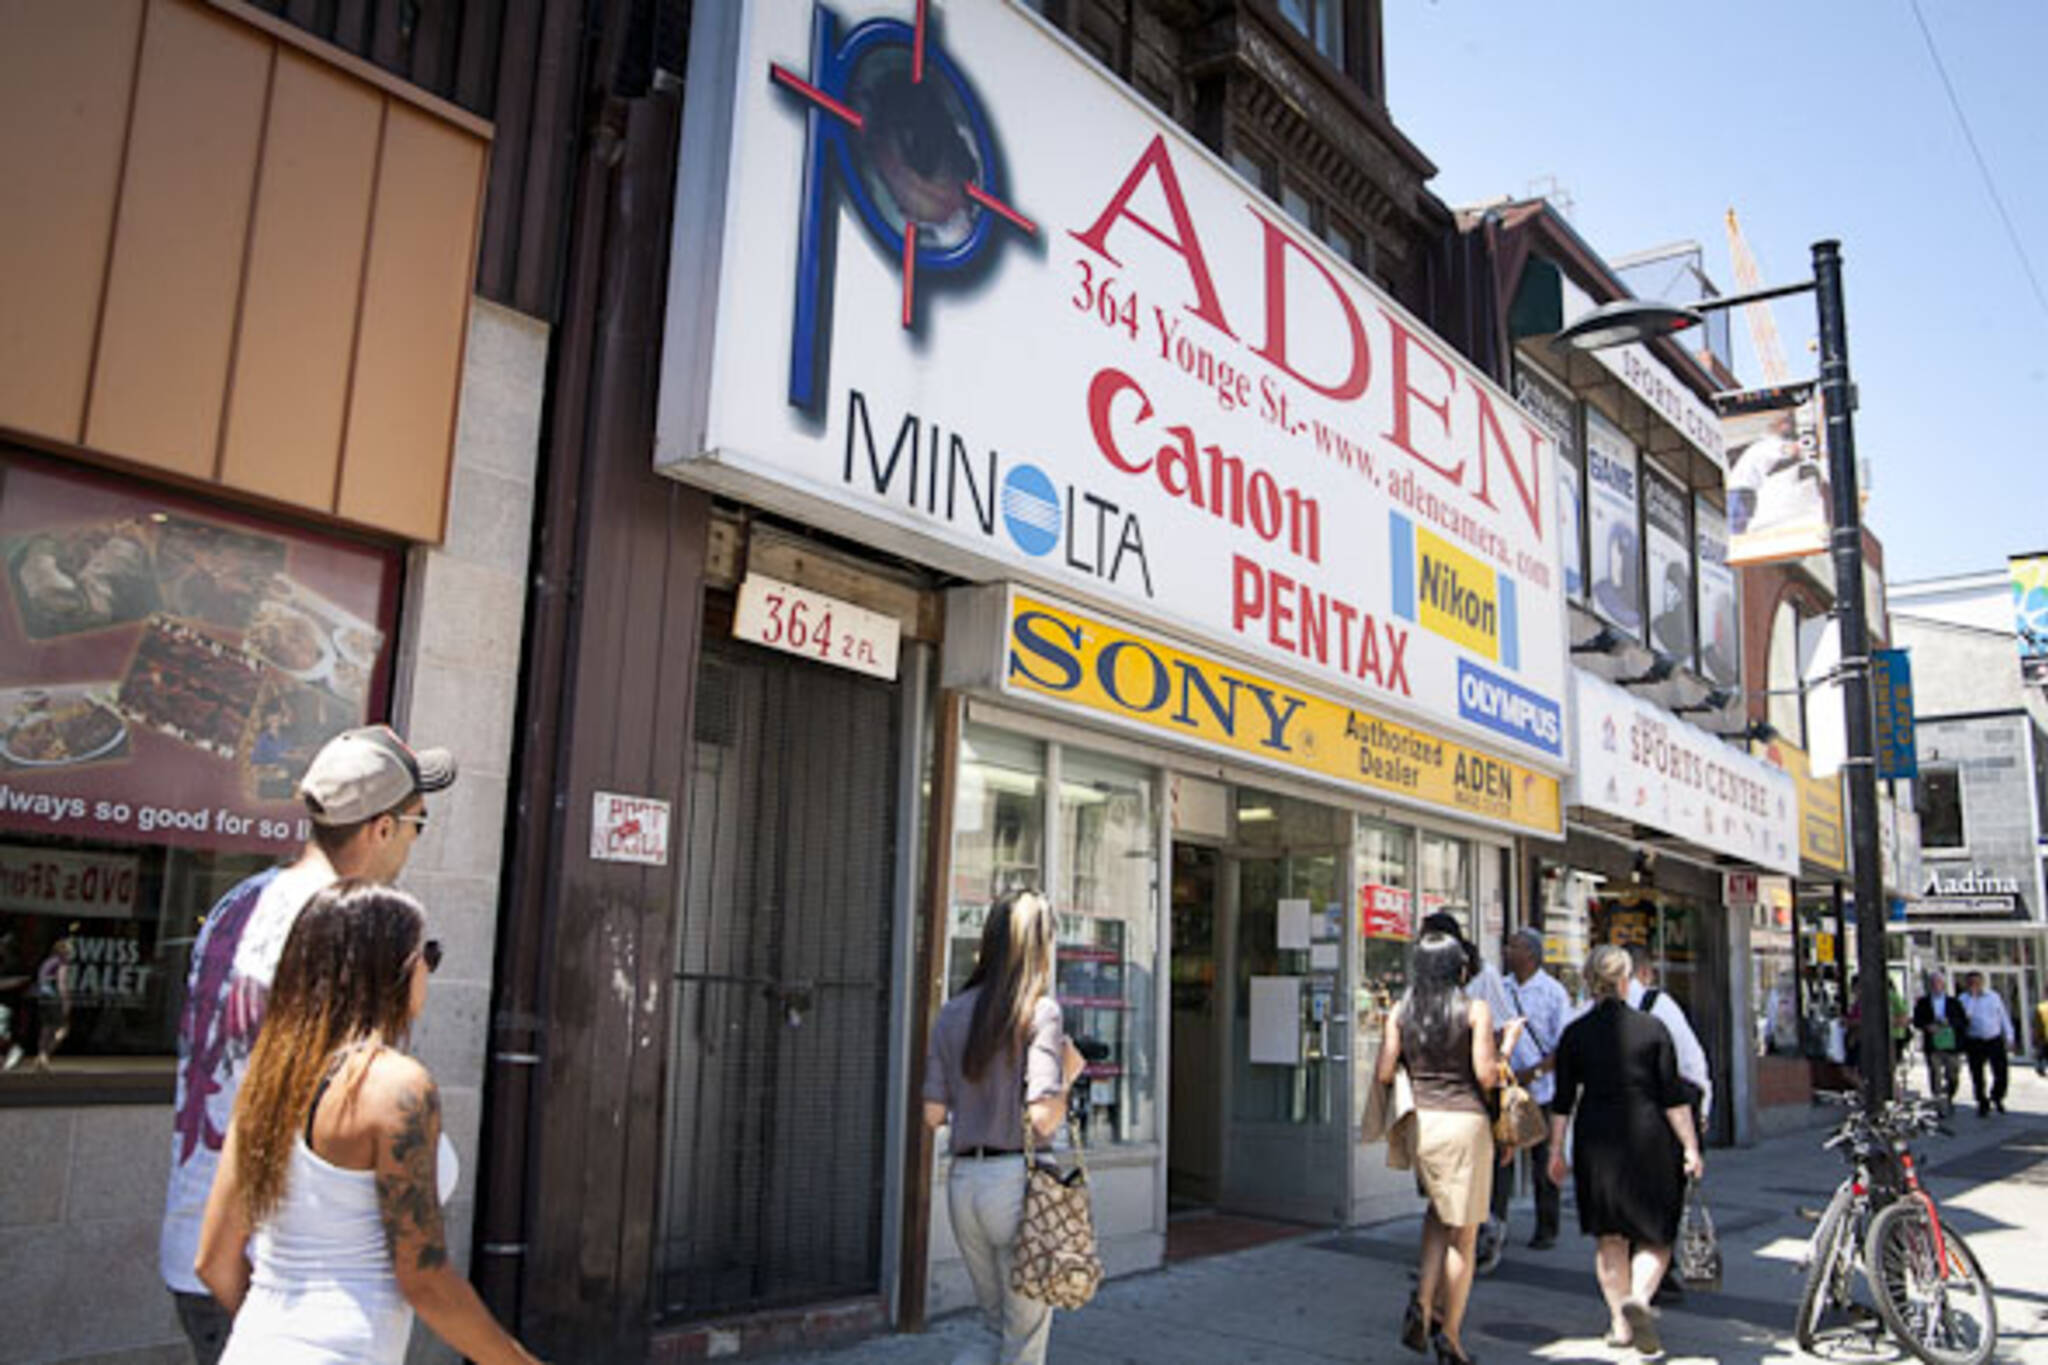 Aden Camera